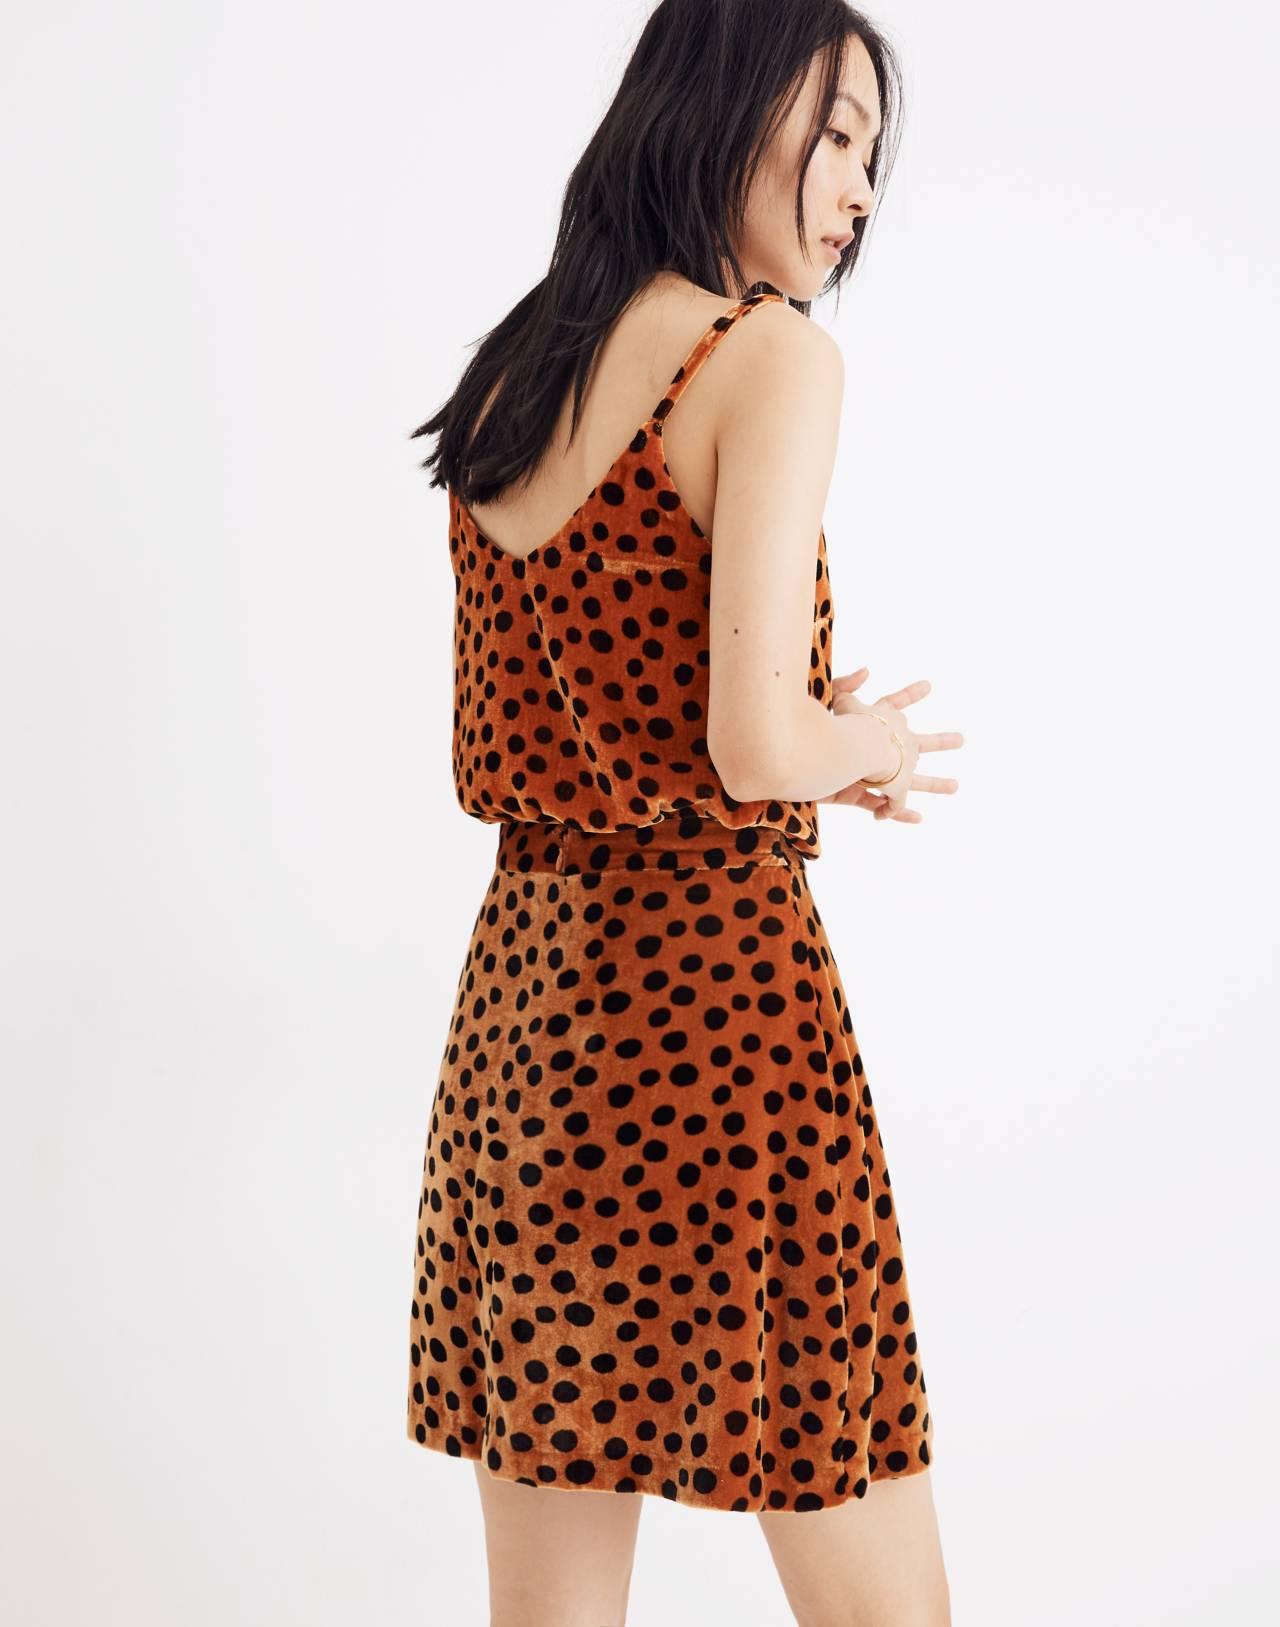 Velvet Circle Mini Skirt in Leopard Dot in leopard dot burnt sienna image 3